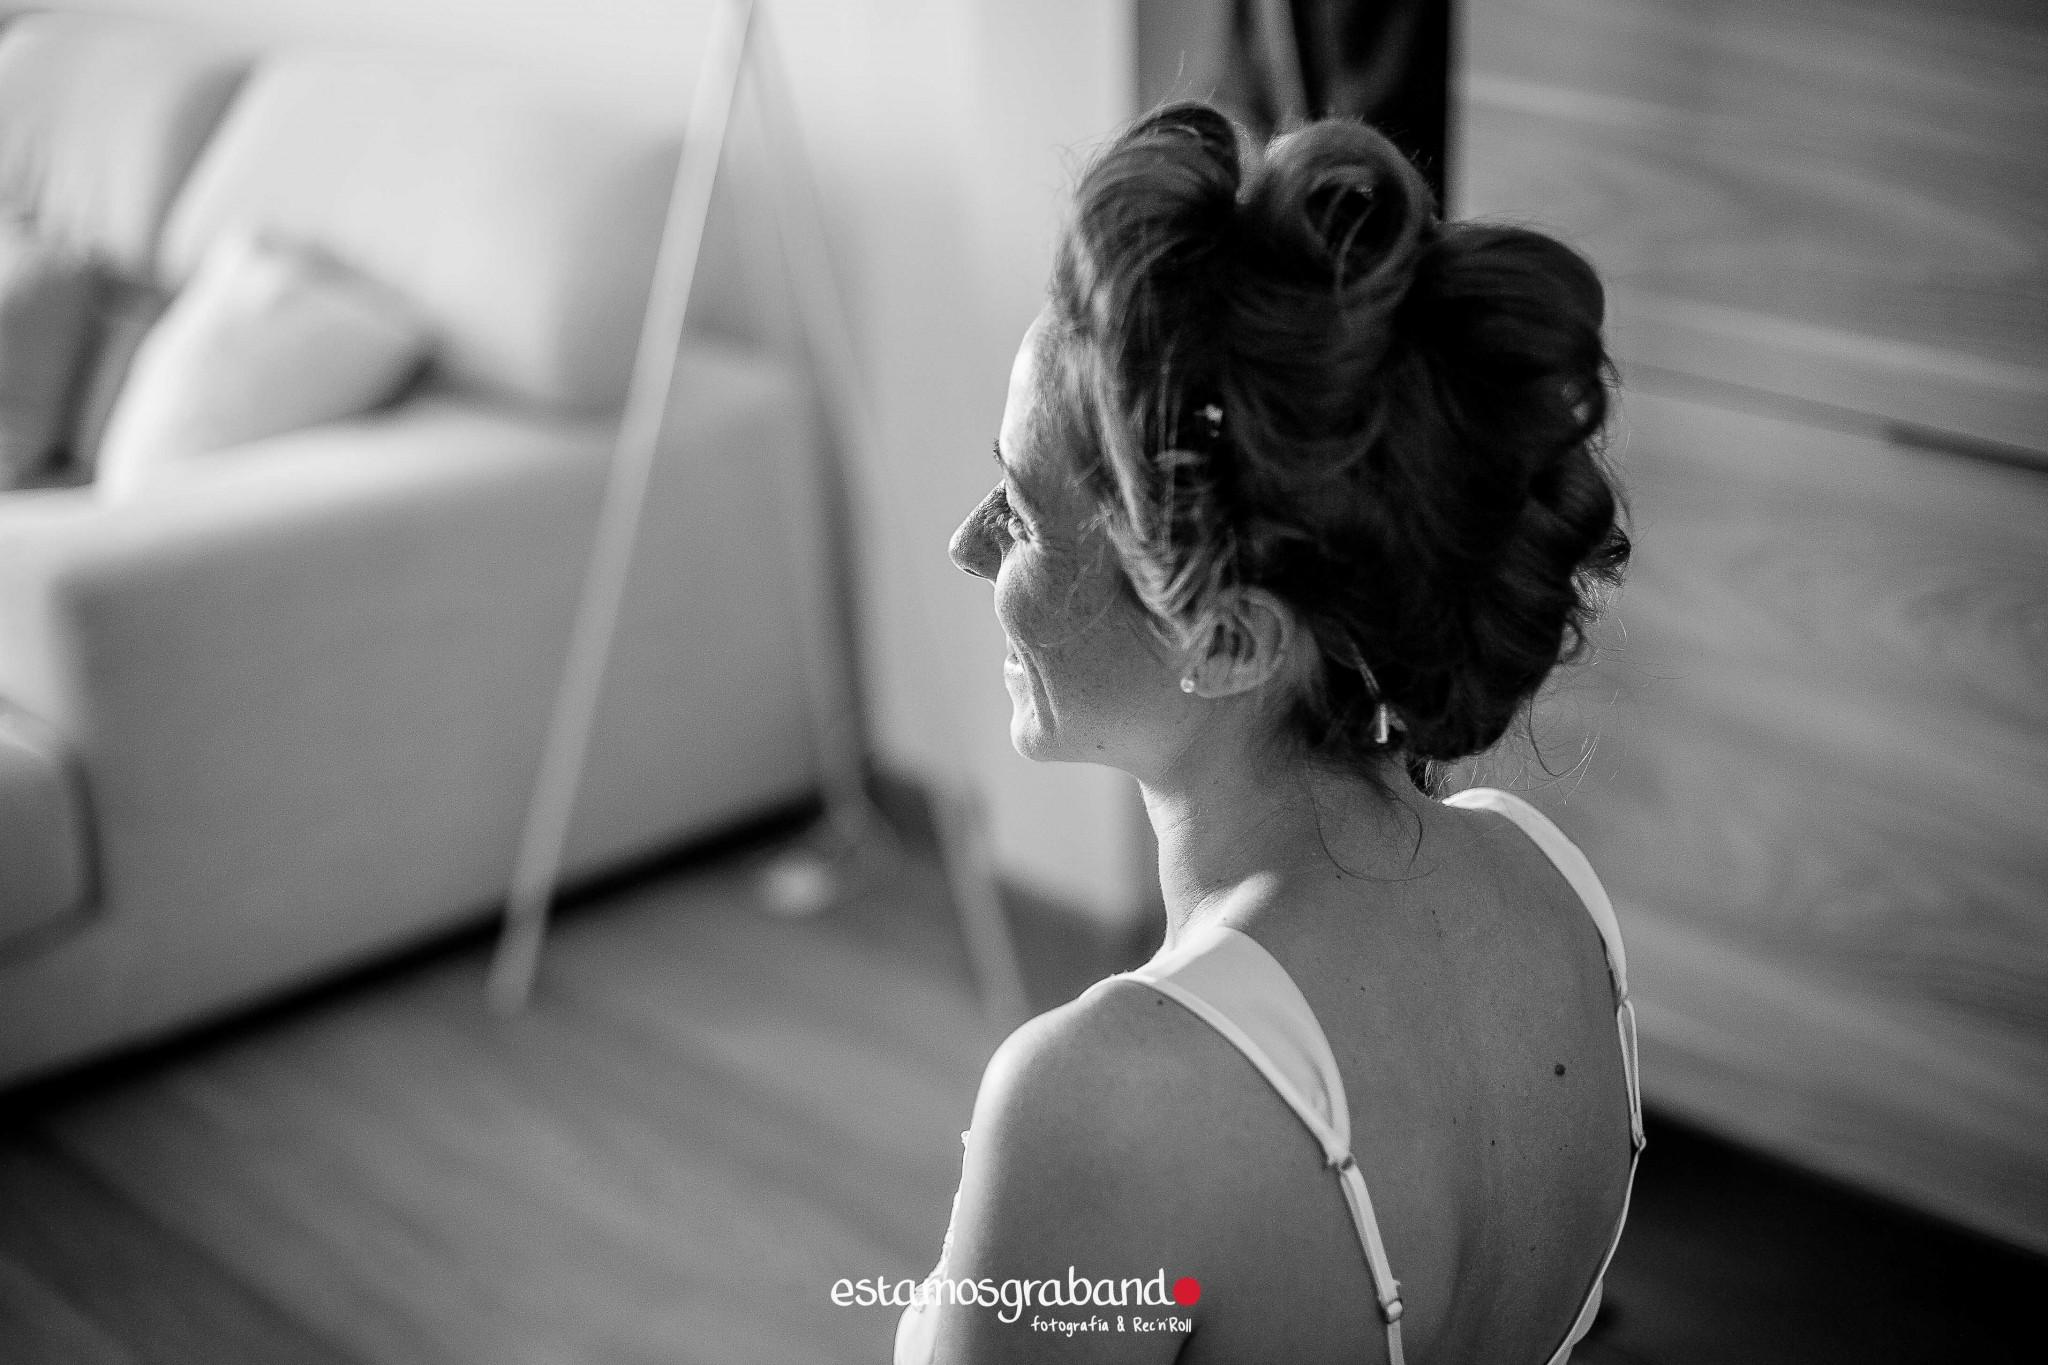 fotografo-de-bodas-jerez_mari-paz-jaime_bodegas-tradiciocc81n-10 32 escalones [Fotografía de bodas Jerez_Mari Paz & Jaime] - video boda cadiz